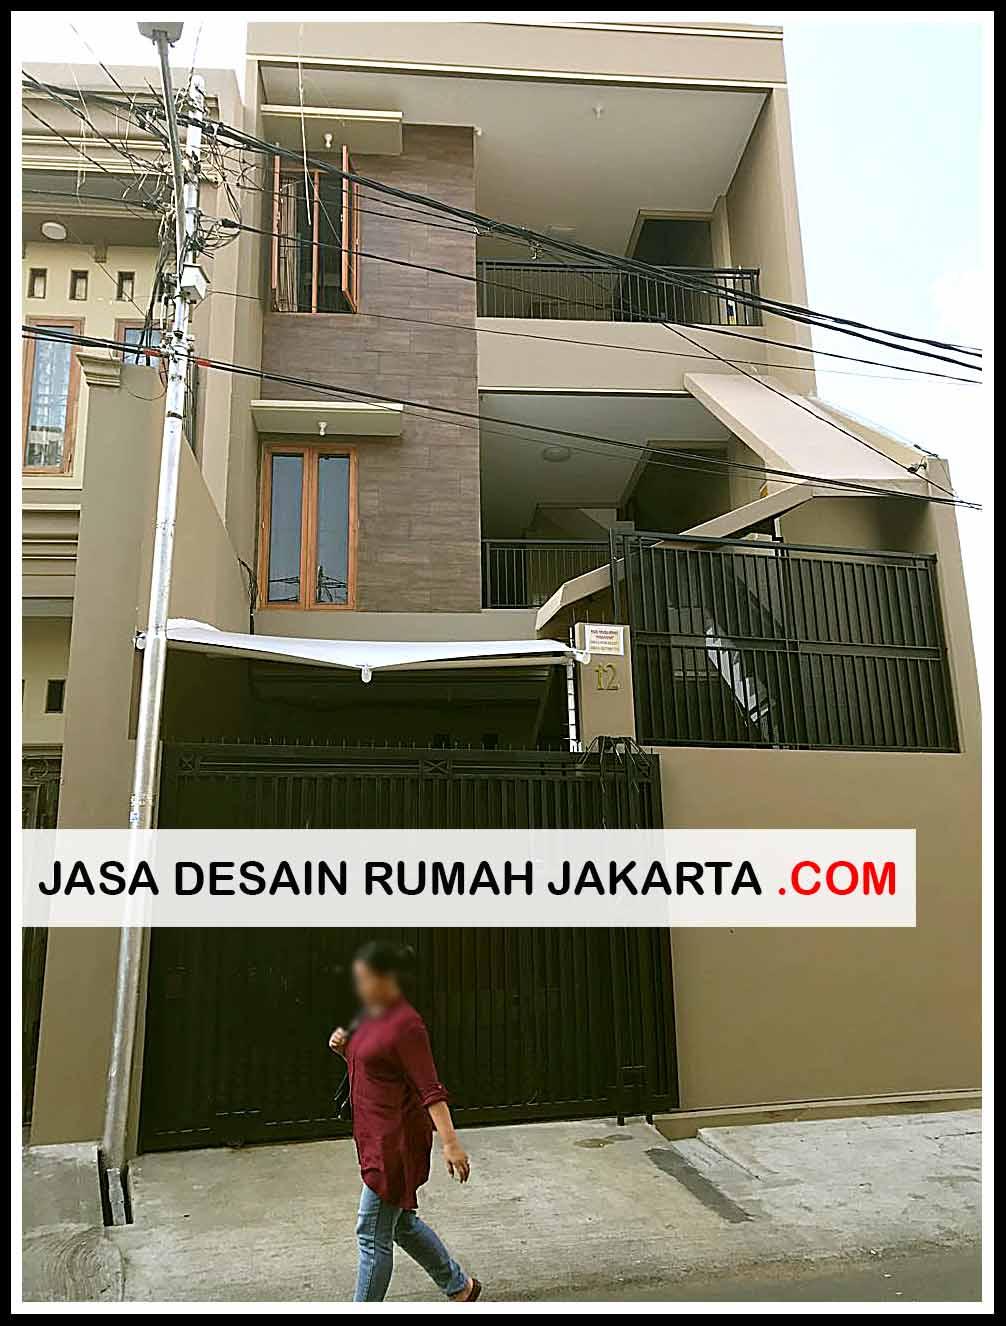 Jasa Desain Arsitek Gambar Rumah Kos Minimalis 015 & Jasa Desain Arsitek Gambar Rumah Kos Minimalis 015 || Jasa Desain ...